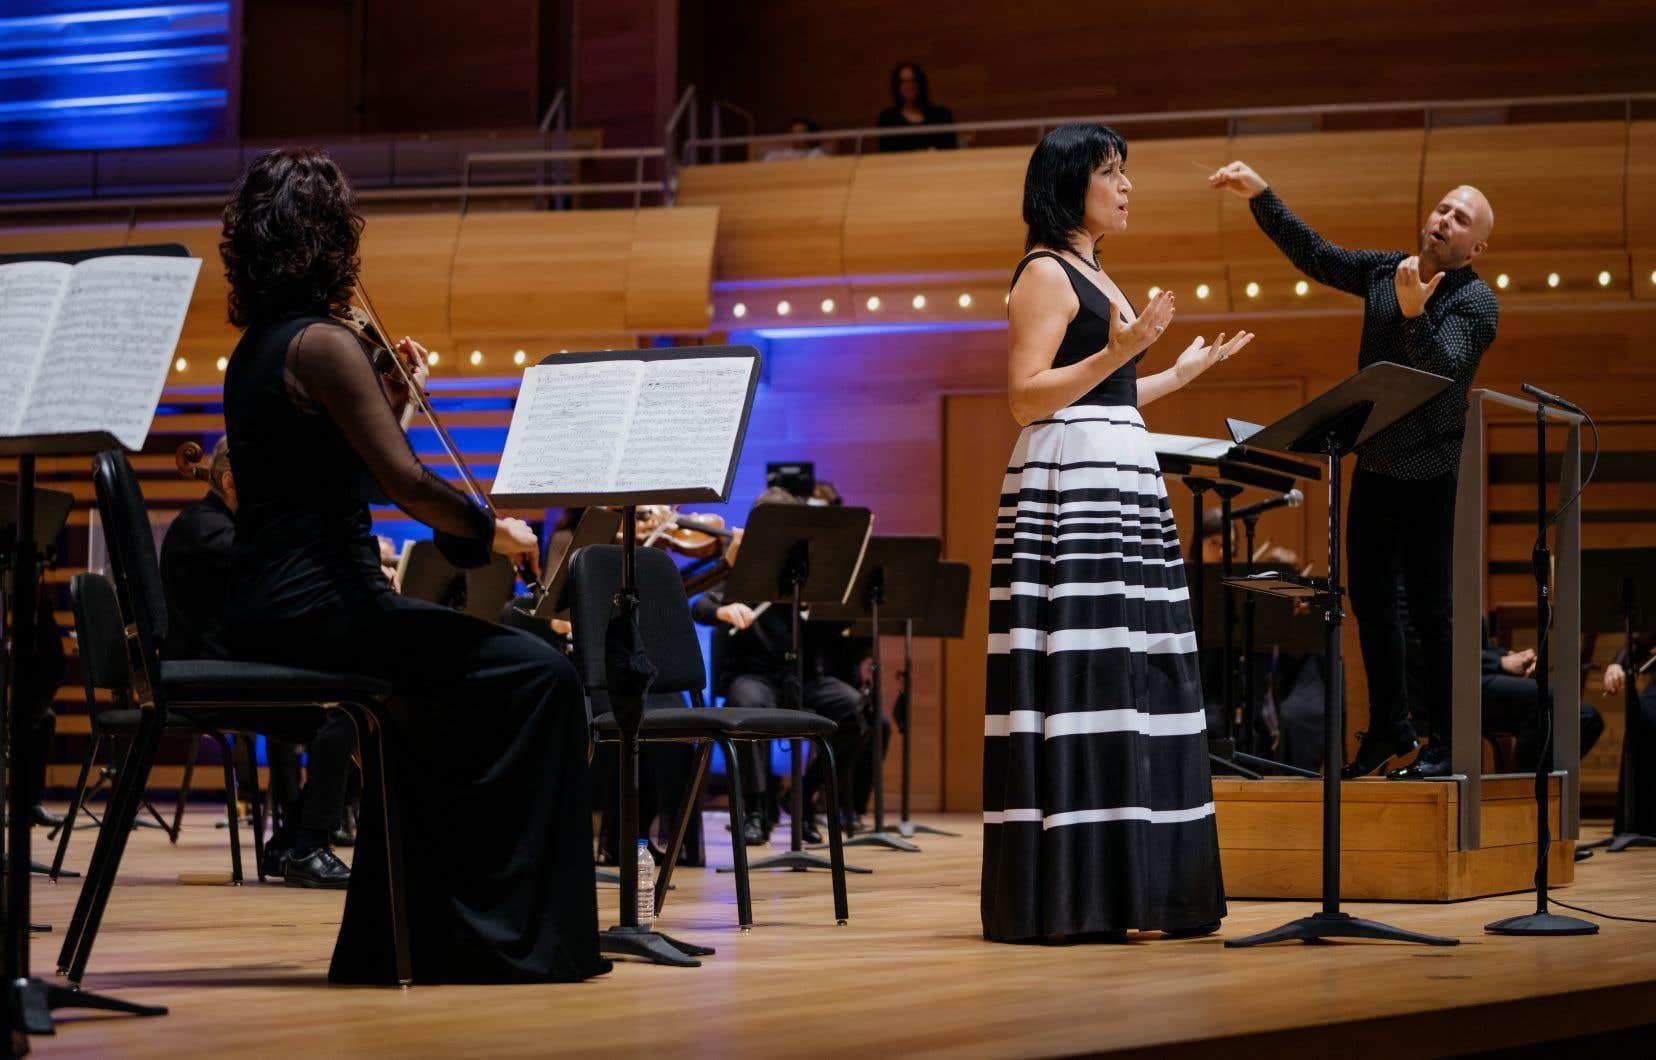 Michèle Losier a une fois de plus saisi les auditeurs avec une prestation nourrie et émue d'une grande plénitude vocale.